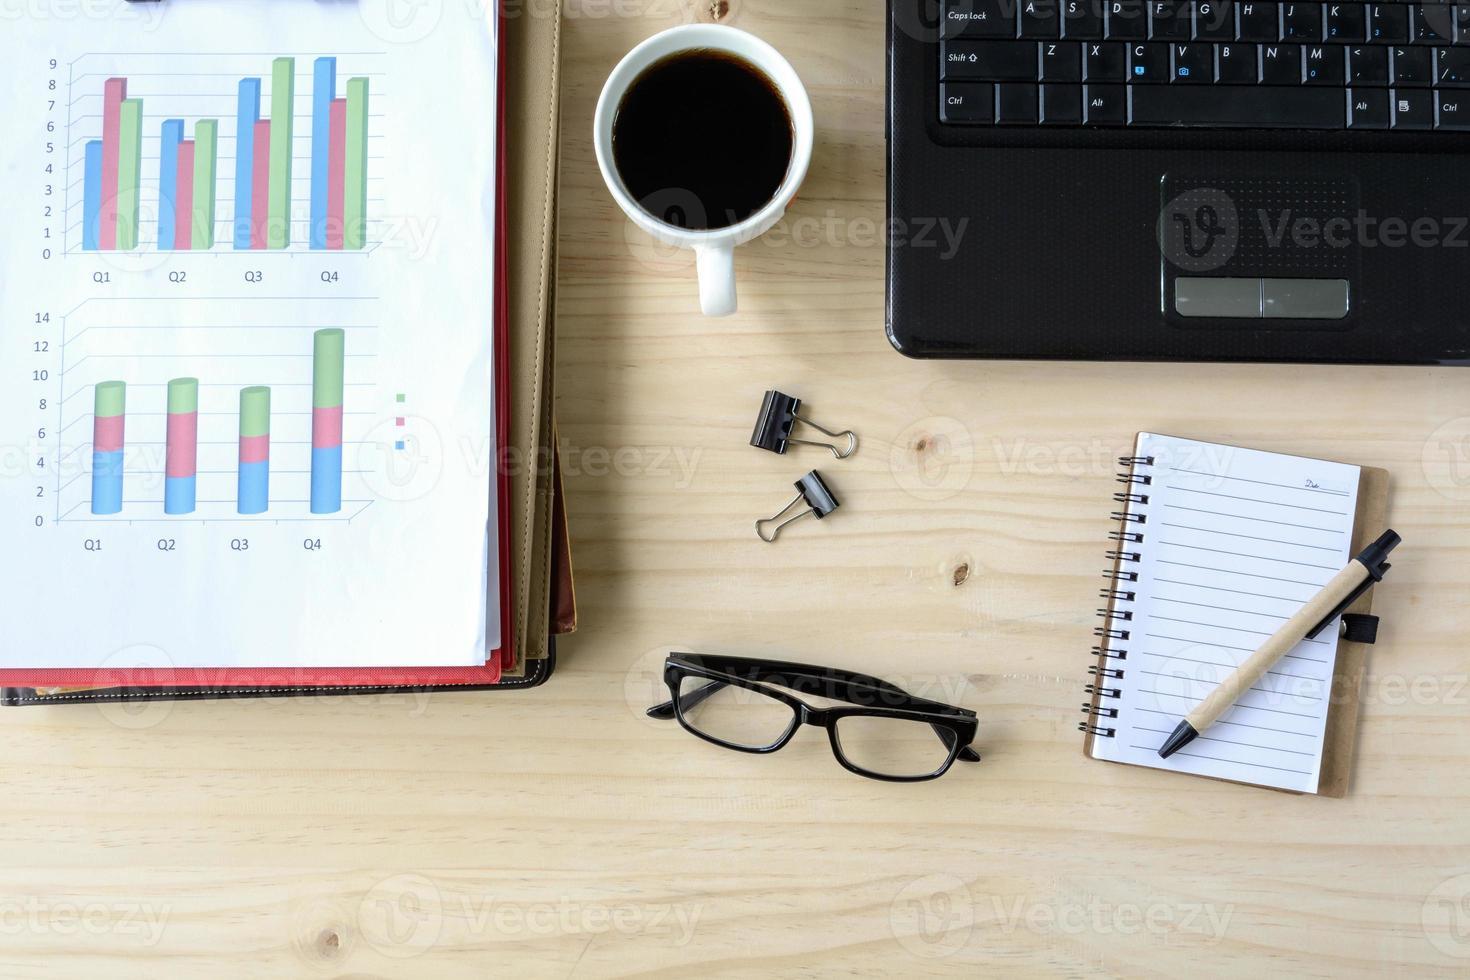 análisis de gráfico financiero de negocios de oficina de escritorio con laptop foto